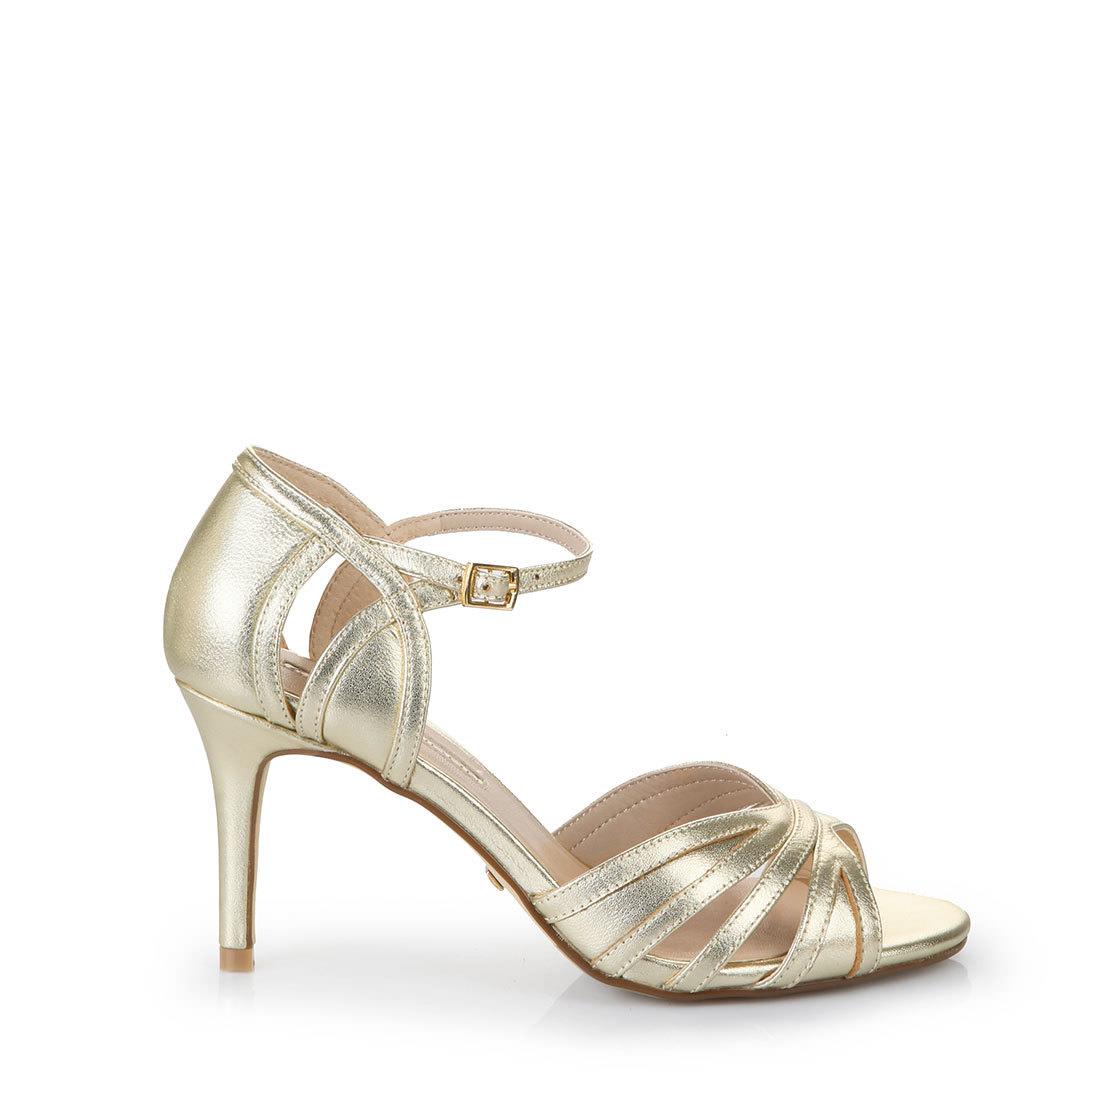 BUFFALO Sandaletten gold 45R8I